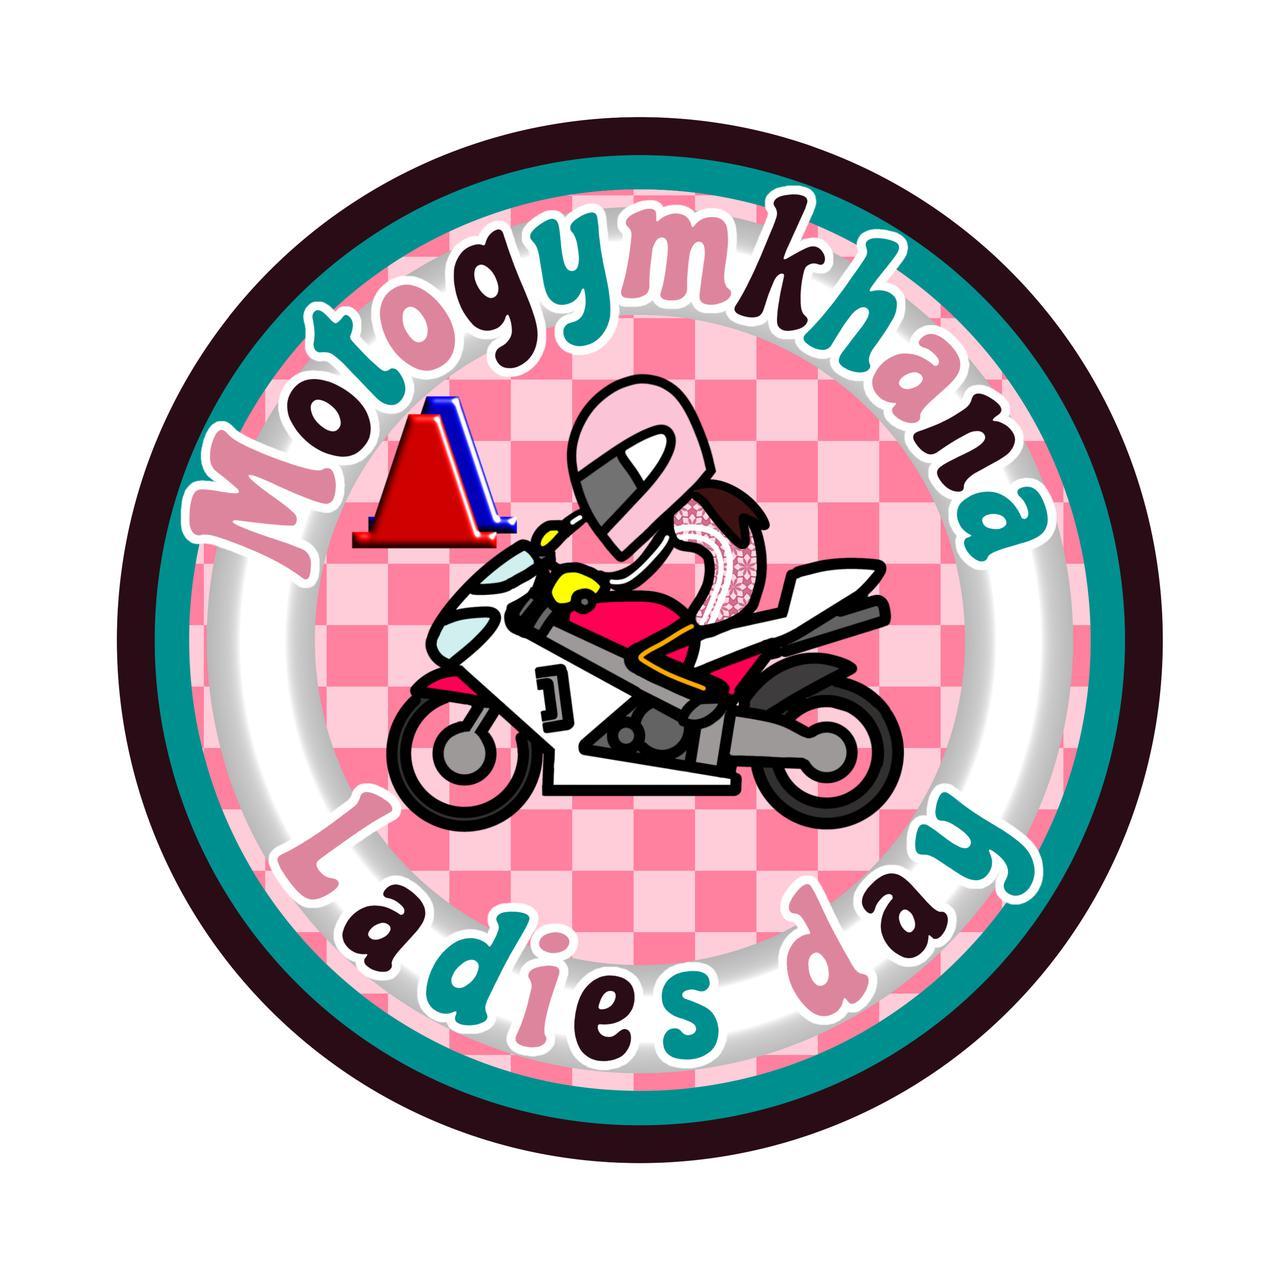 画像: MGL - Motogymkhana Ladies day